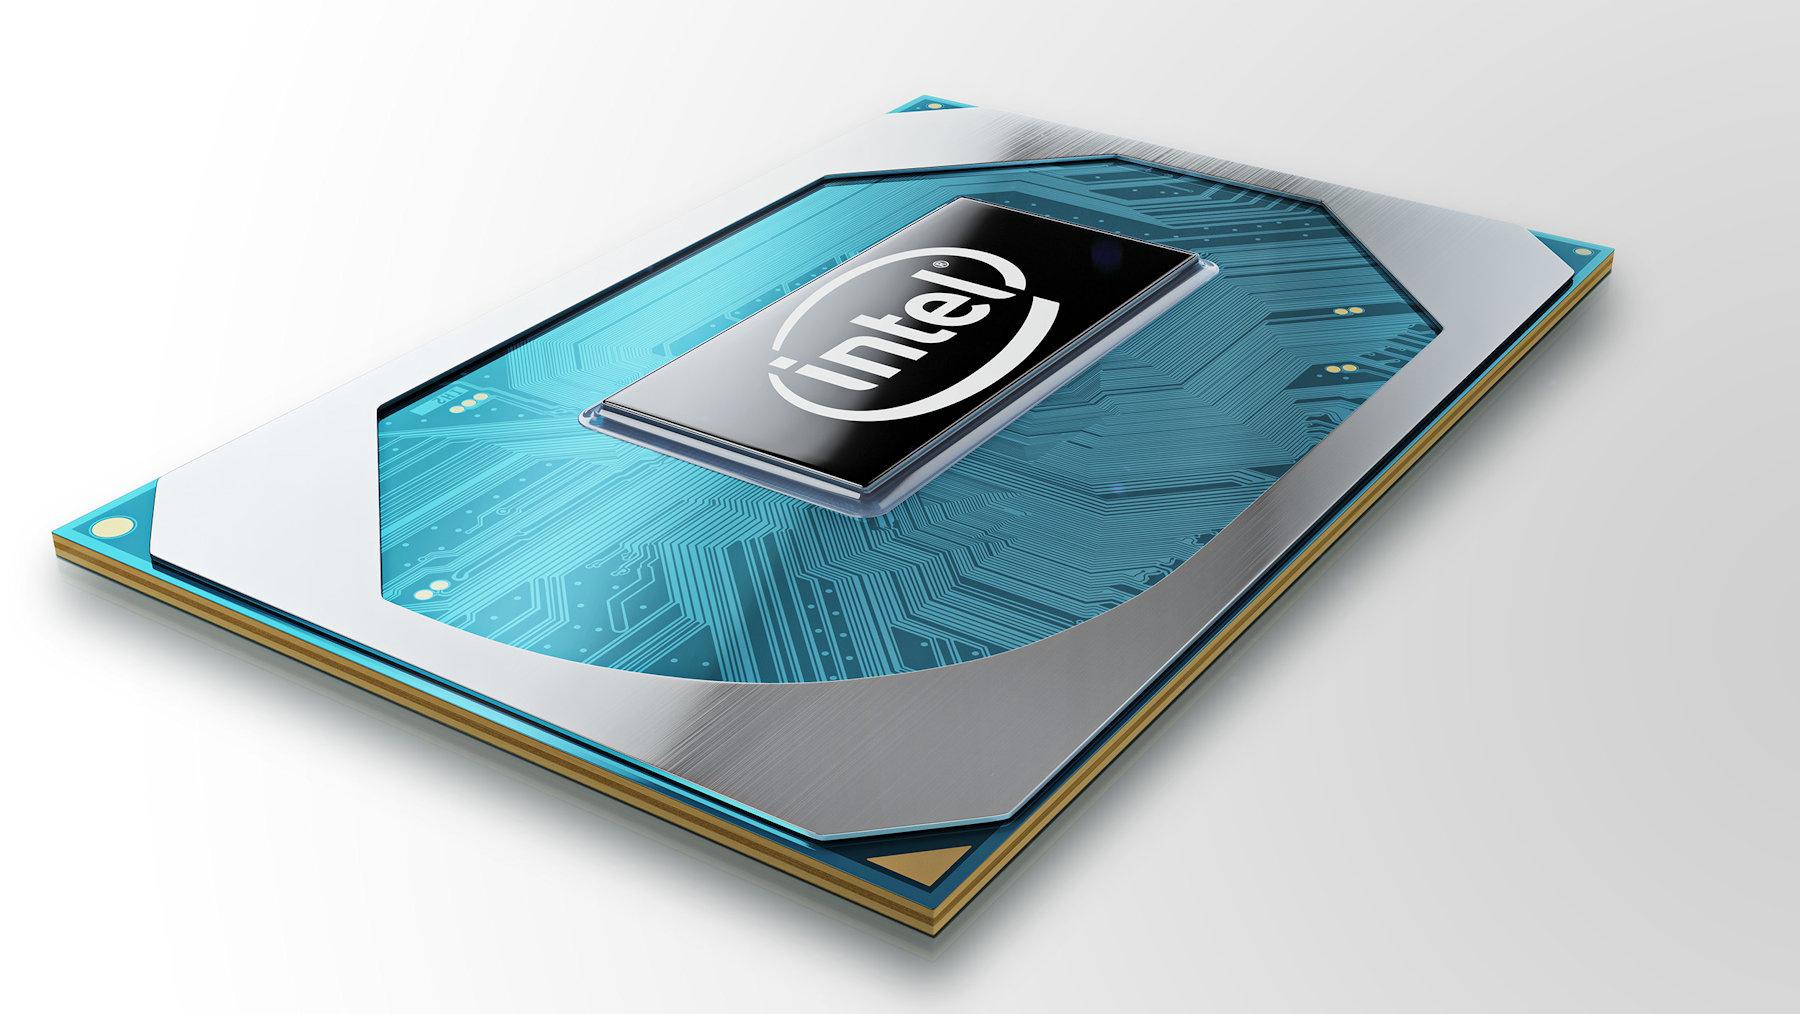 Утечка: настольные процессоры Alder Lake получат до 256 шейдерных блоков